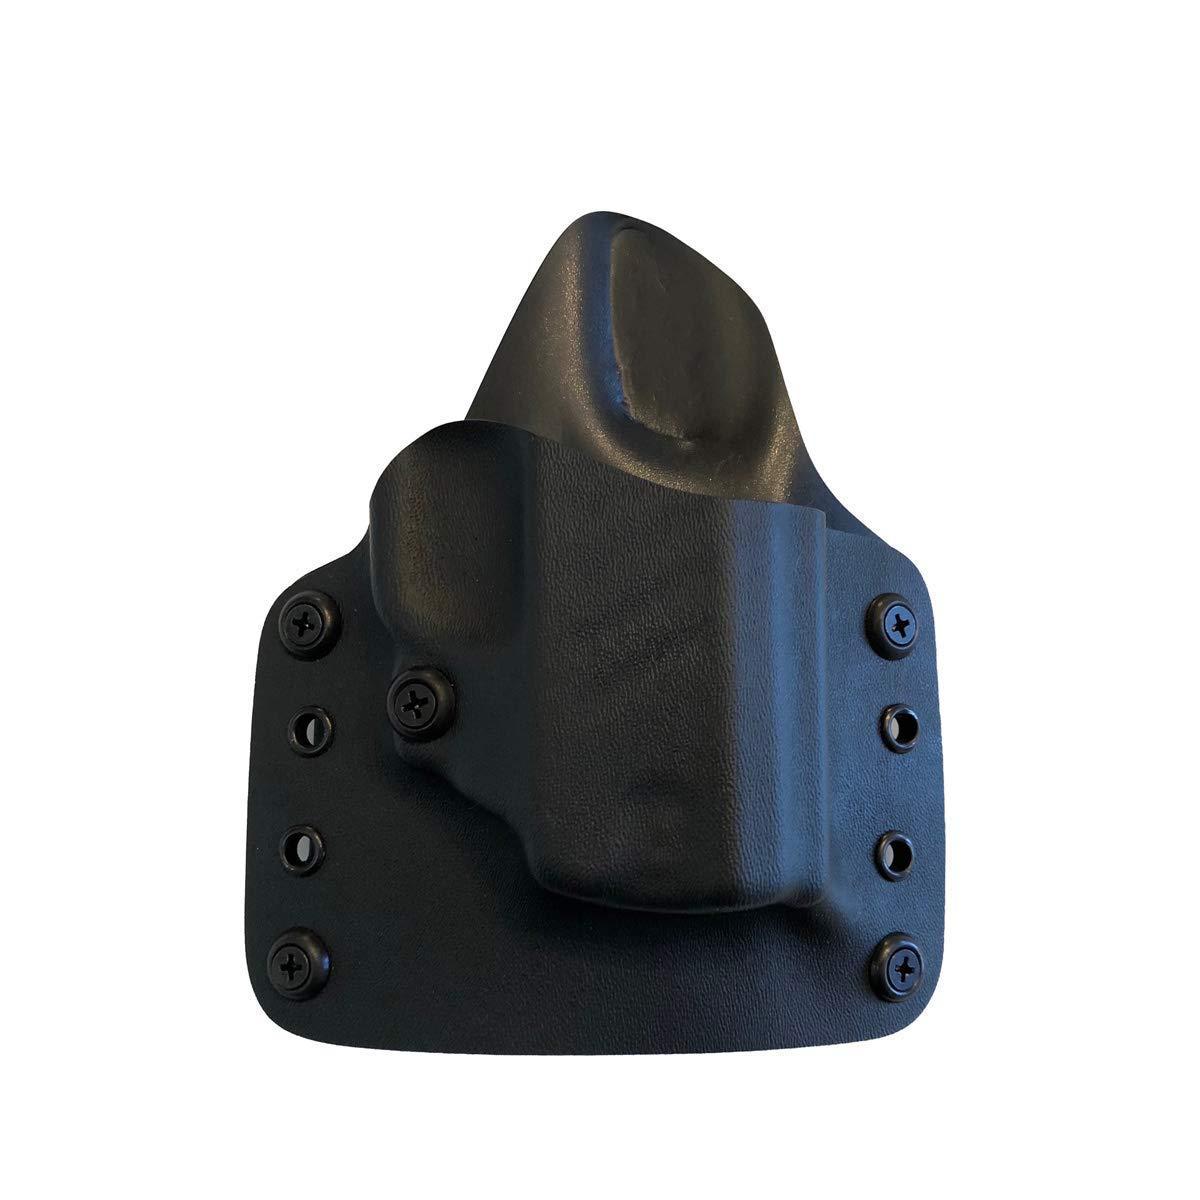 Elite Force holsters OWB Max 89% OFF Kydex Belt Long-awaited fits Holster Taser Pulse